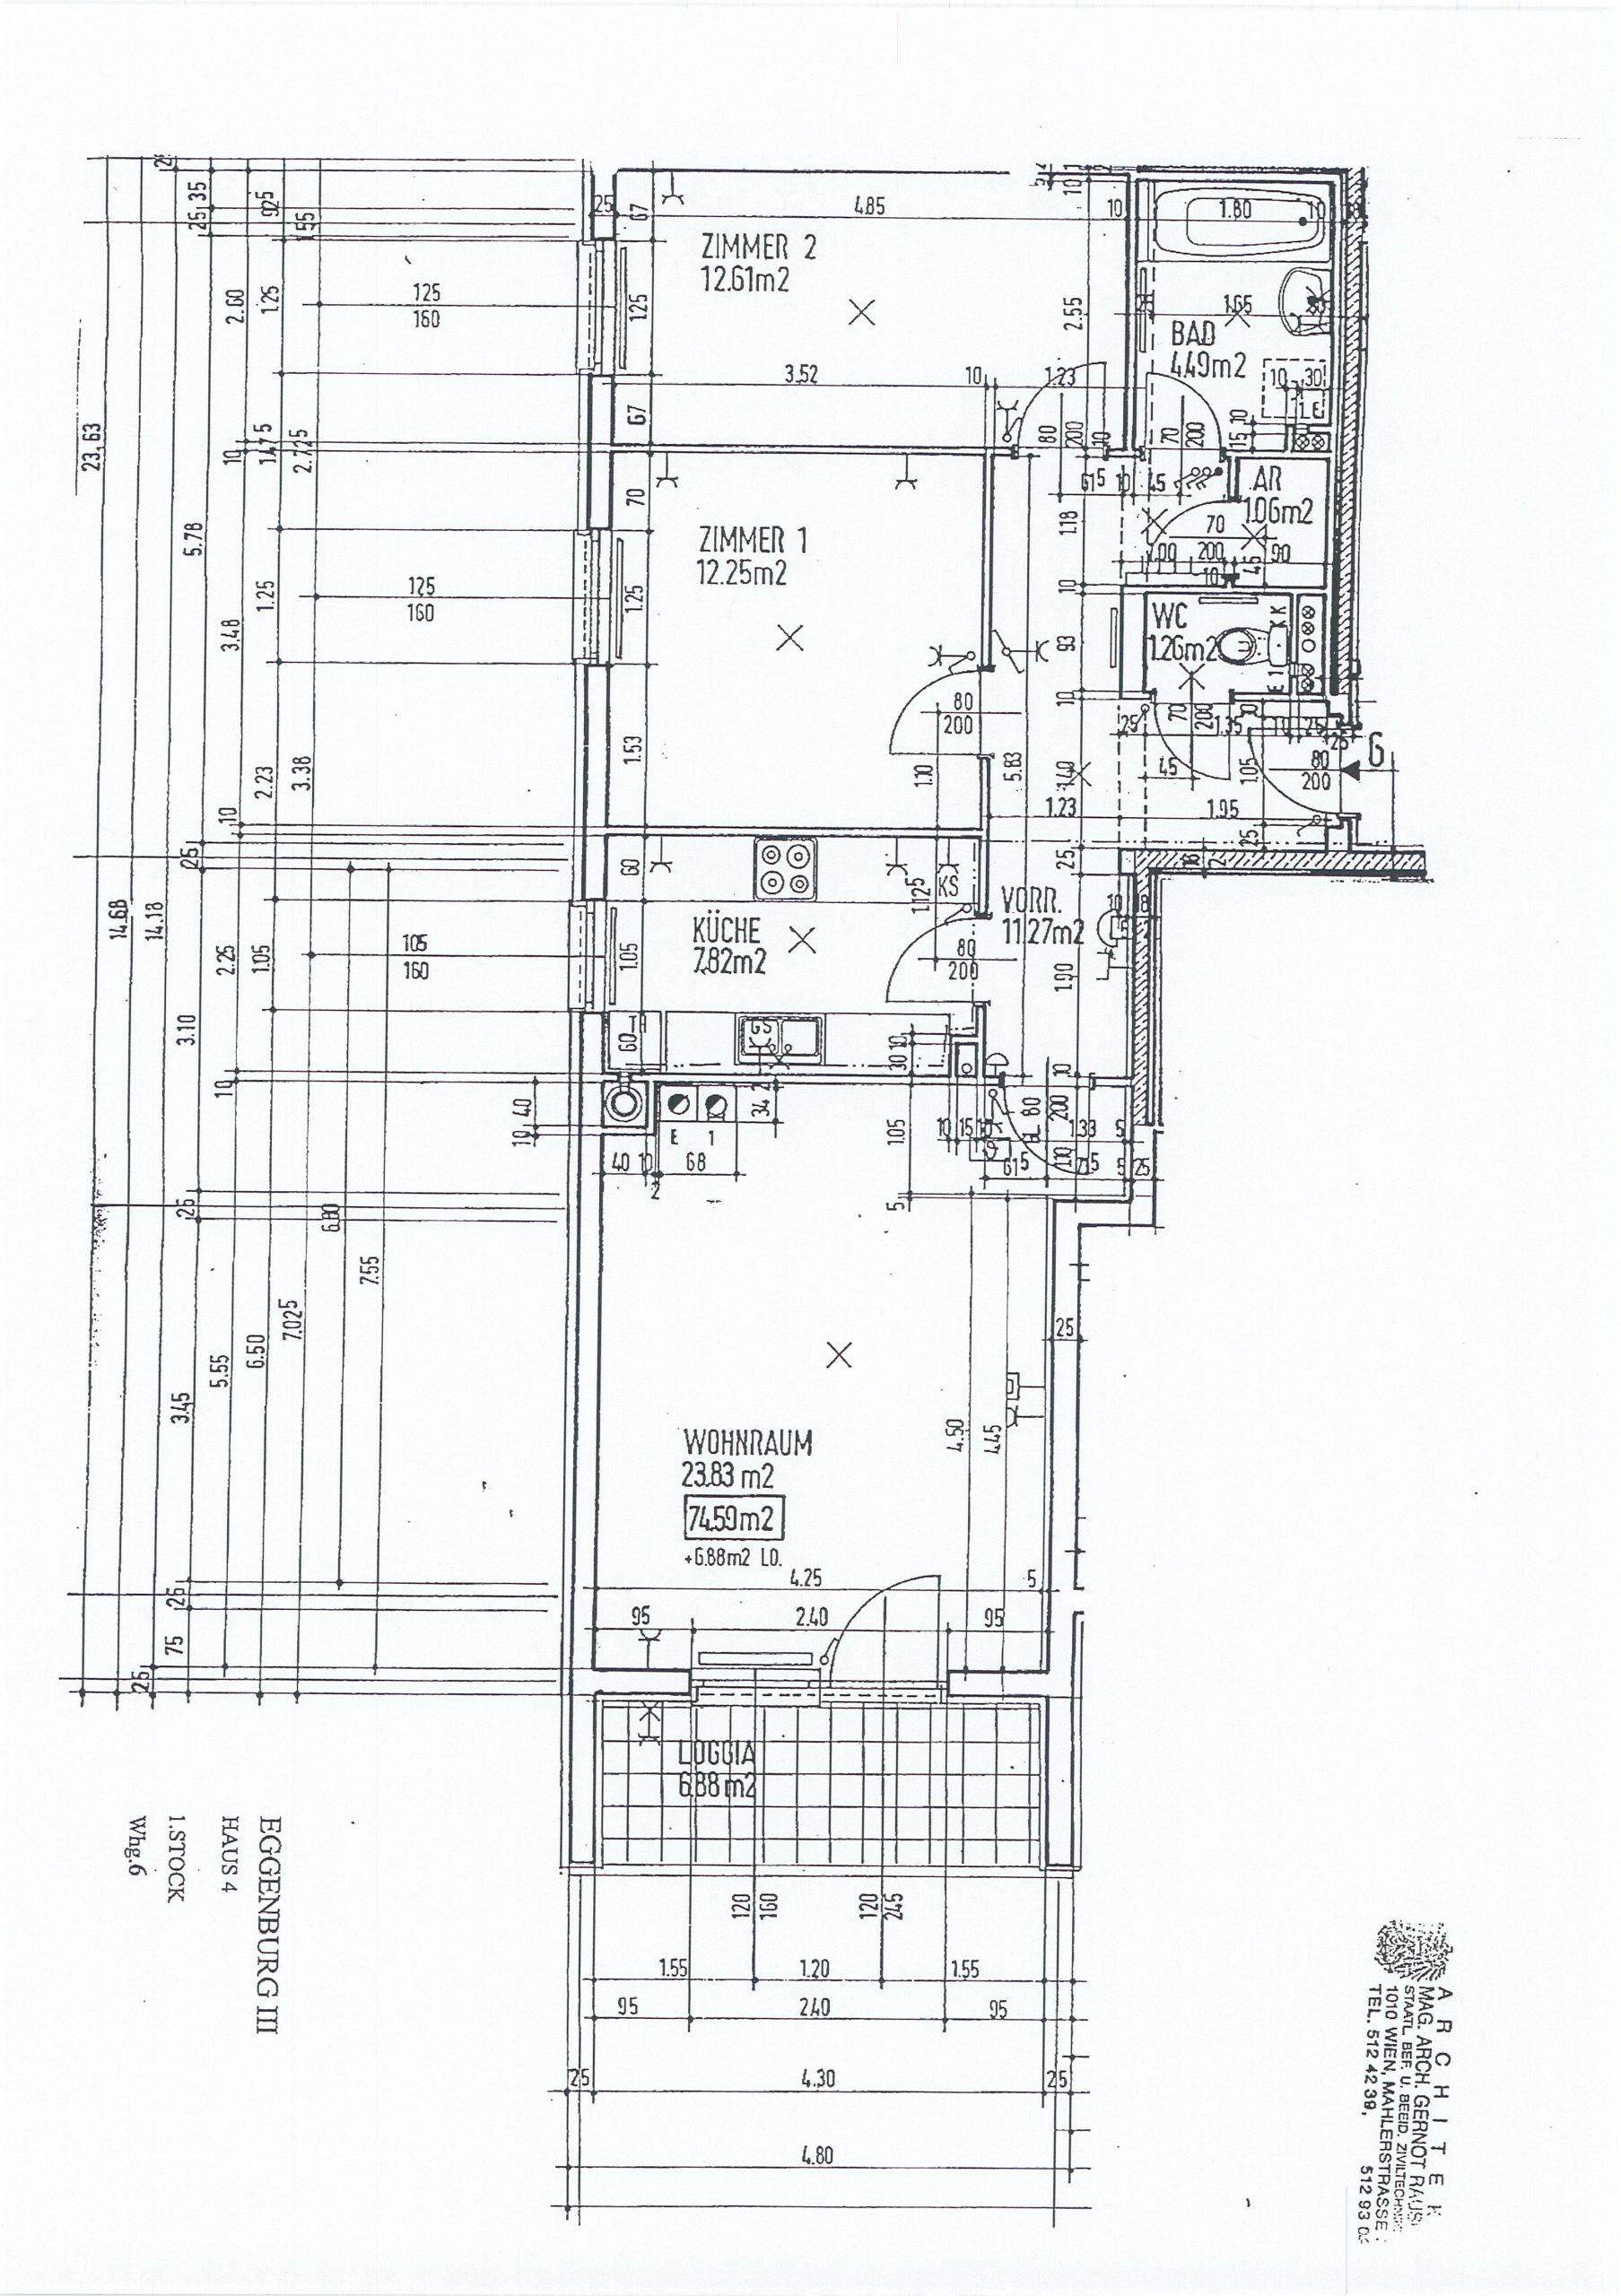 Immobilie von Kamptal in 3730 Eggenburg, Horn, Eggenburg III/4 - Top 6 #9